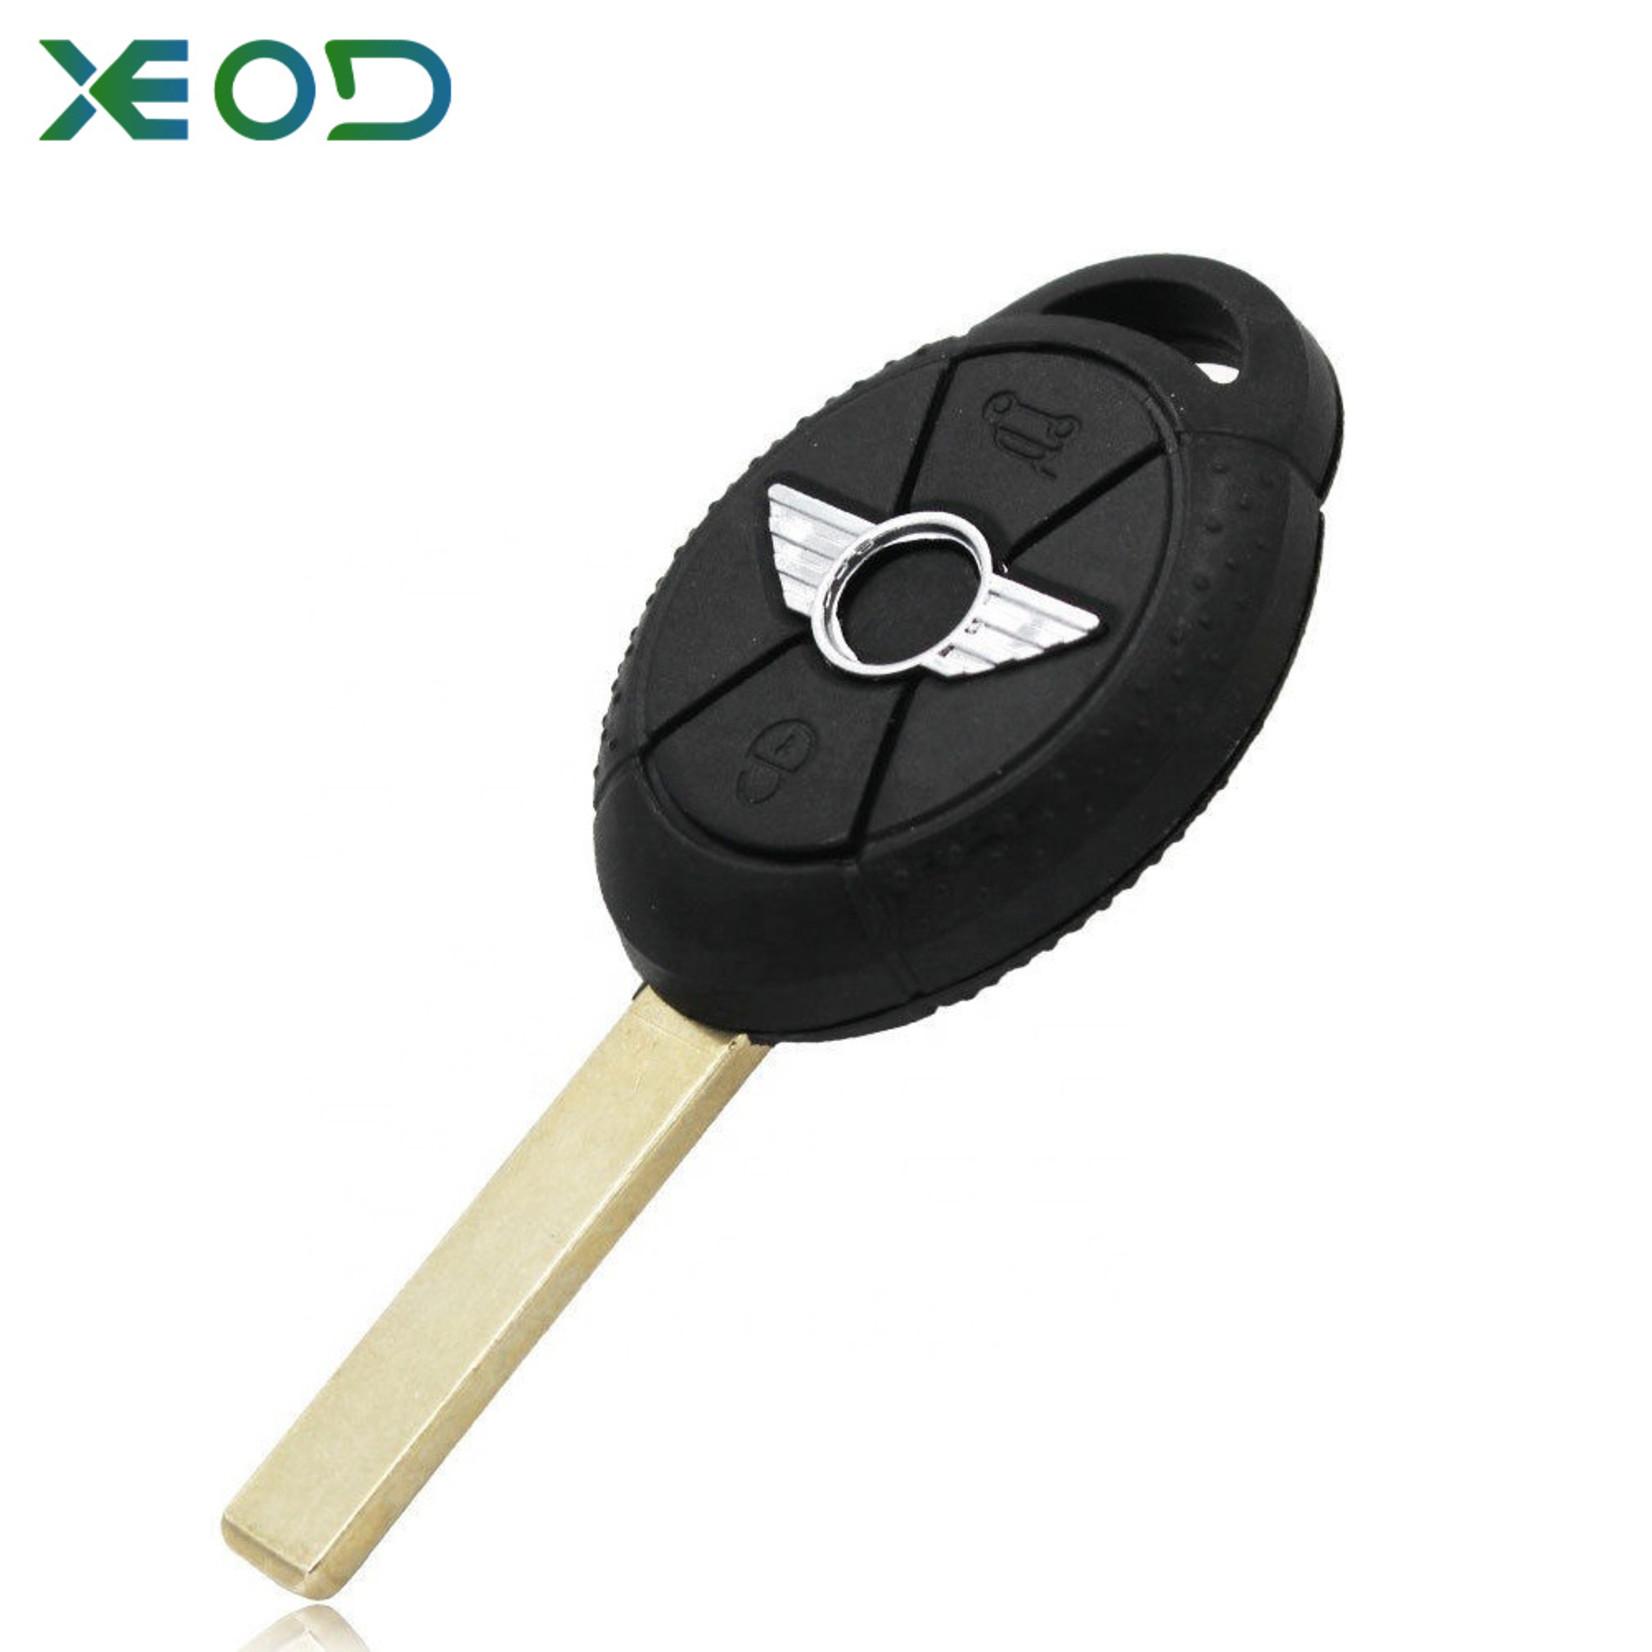 XEOD Mini 3-knops sleutelbehuizing